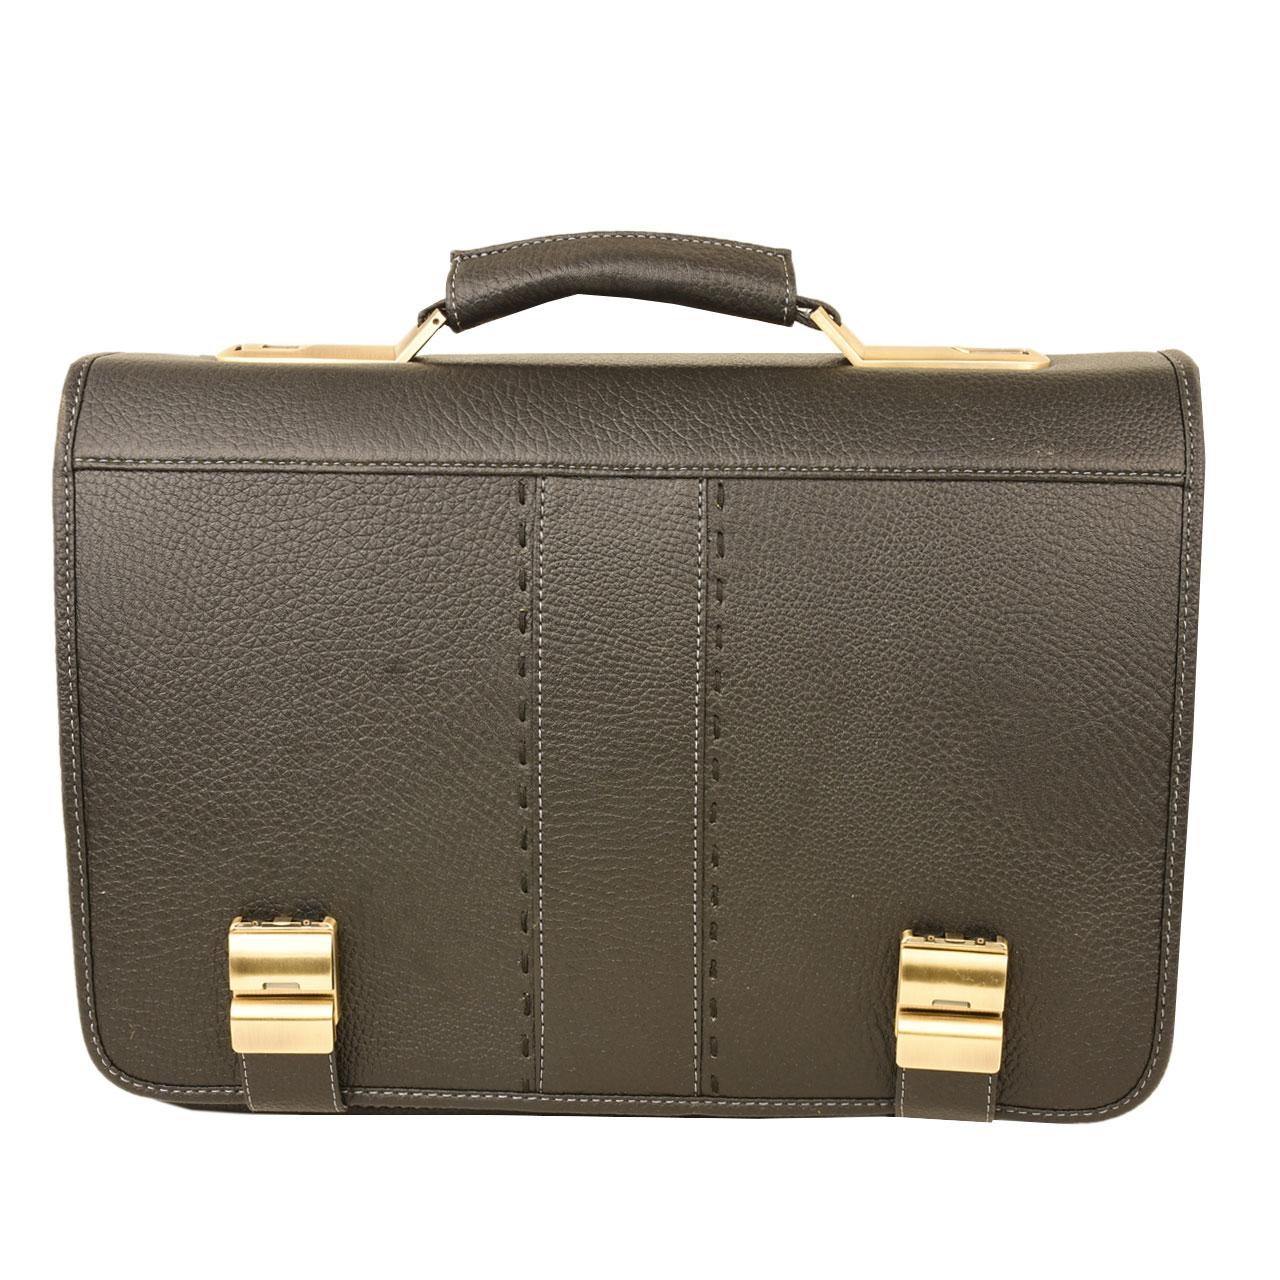 کیف اداری مردانه پارینه کد P244